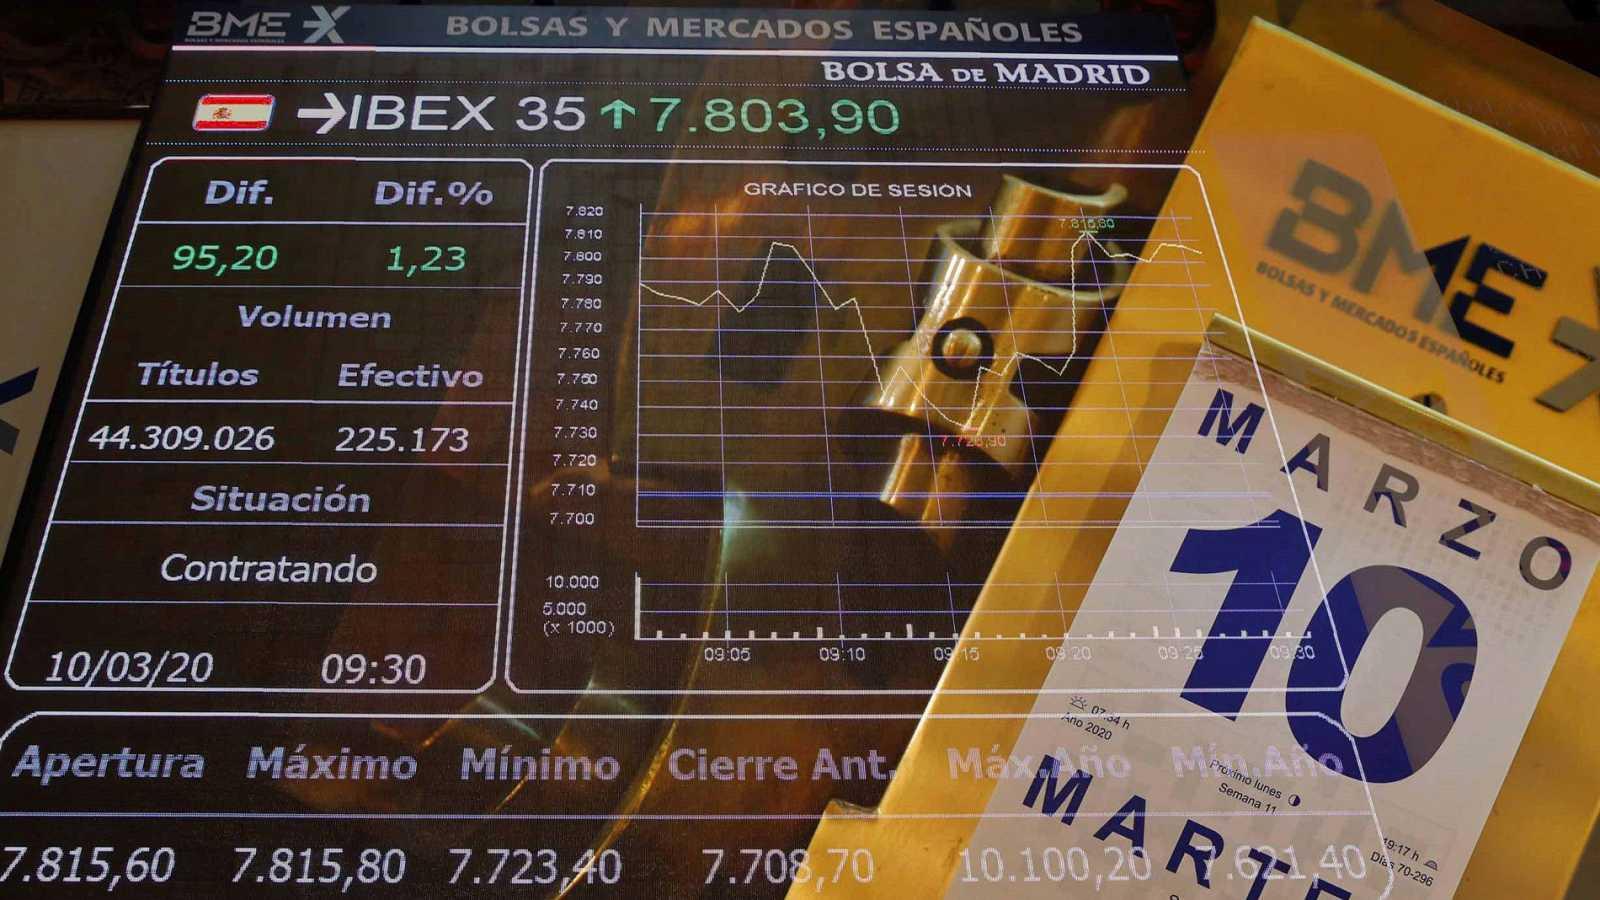 """La Bolsa española, tras el """"lunes negro"""" vivido en sesión previa, se tomó un respiro en los primeros compases de la sesión de este martes"""